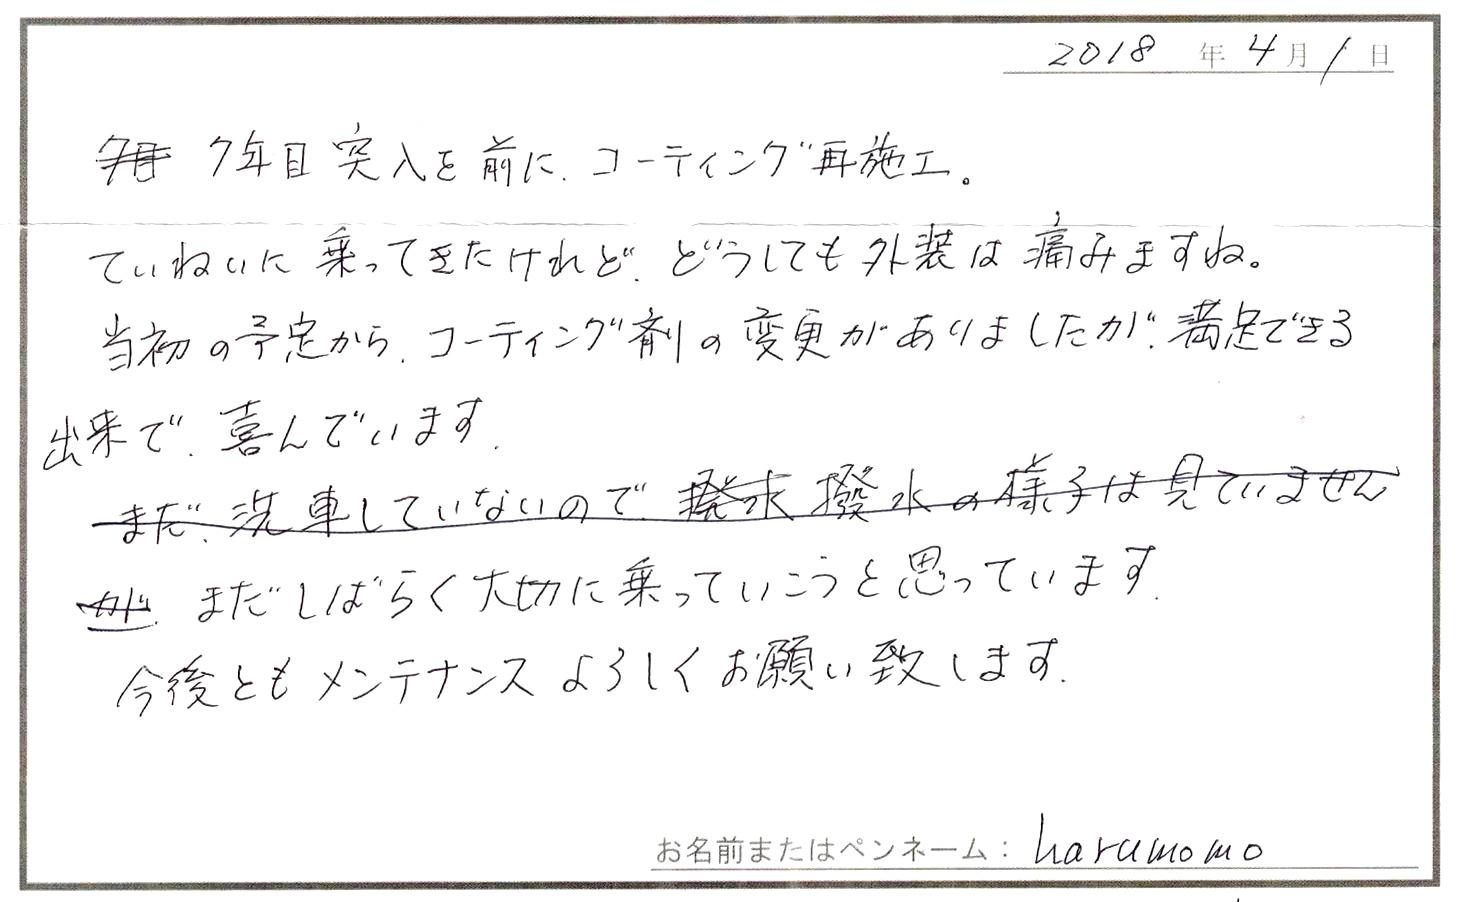 ビーパックスへのクチコミ/お客様の声:harumomo 様(京都市西京区)/VW ゴルフⅥ